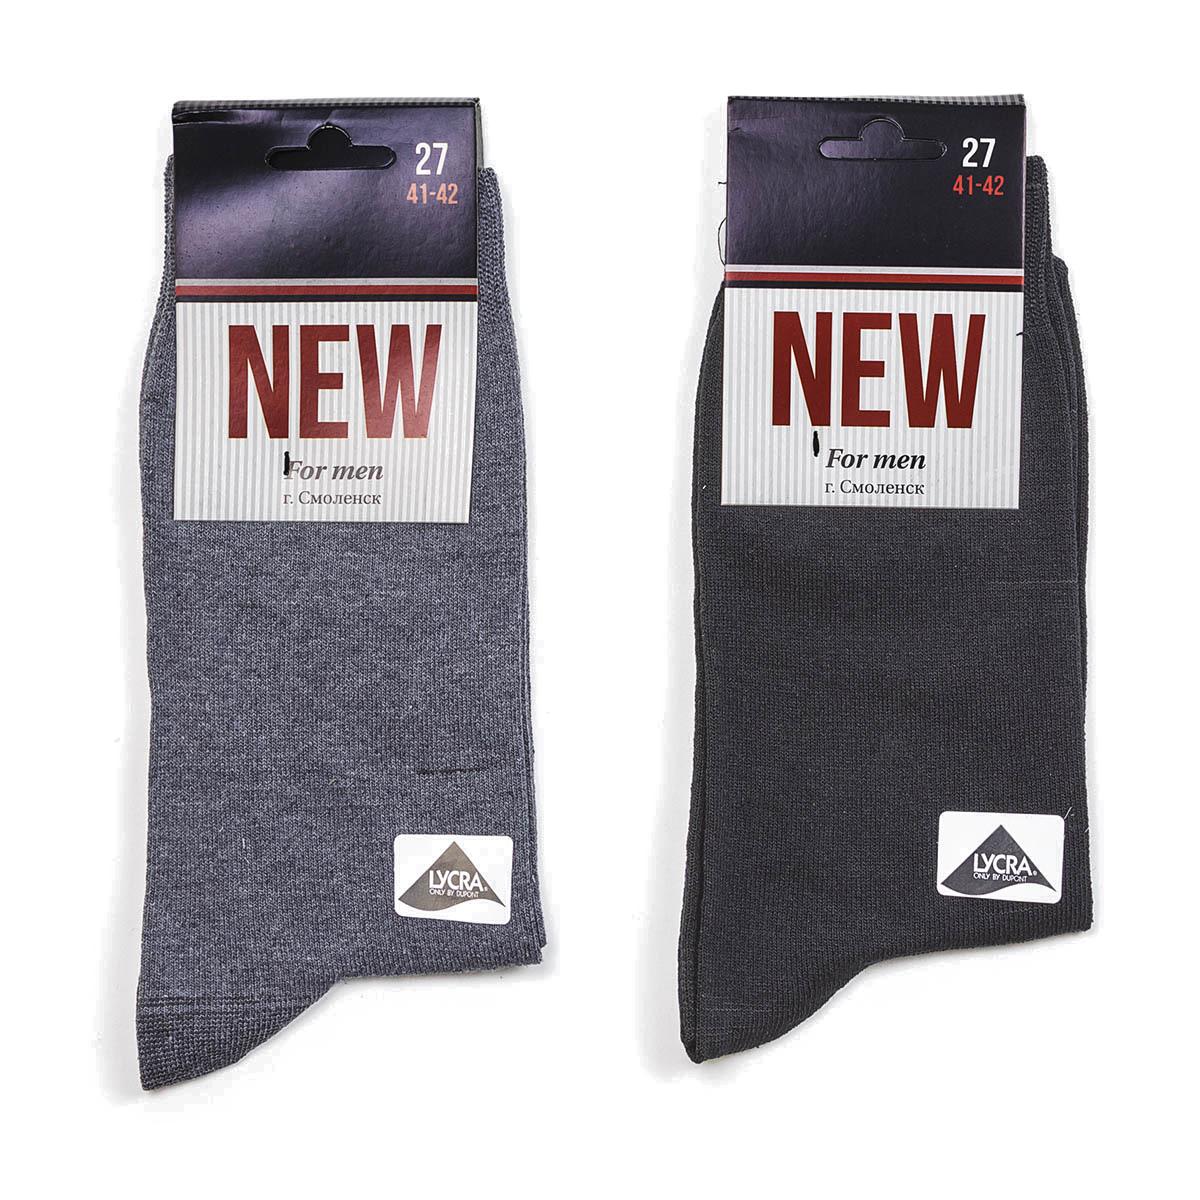 Носки мужские New, цвет Черный, размер 39-40Носки<br><br><br>Тип: Муж. носки<br>Размер: 39-40<br>Материал: Хлопок